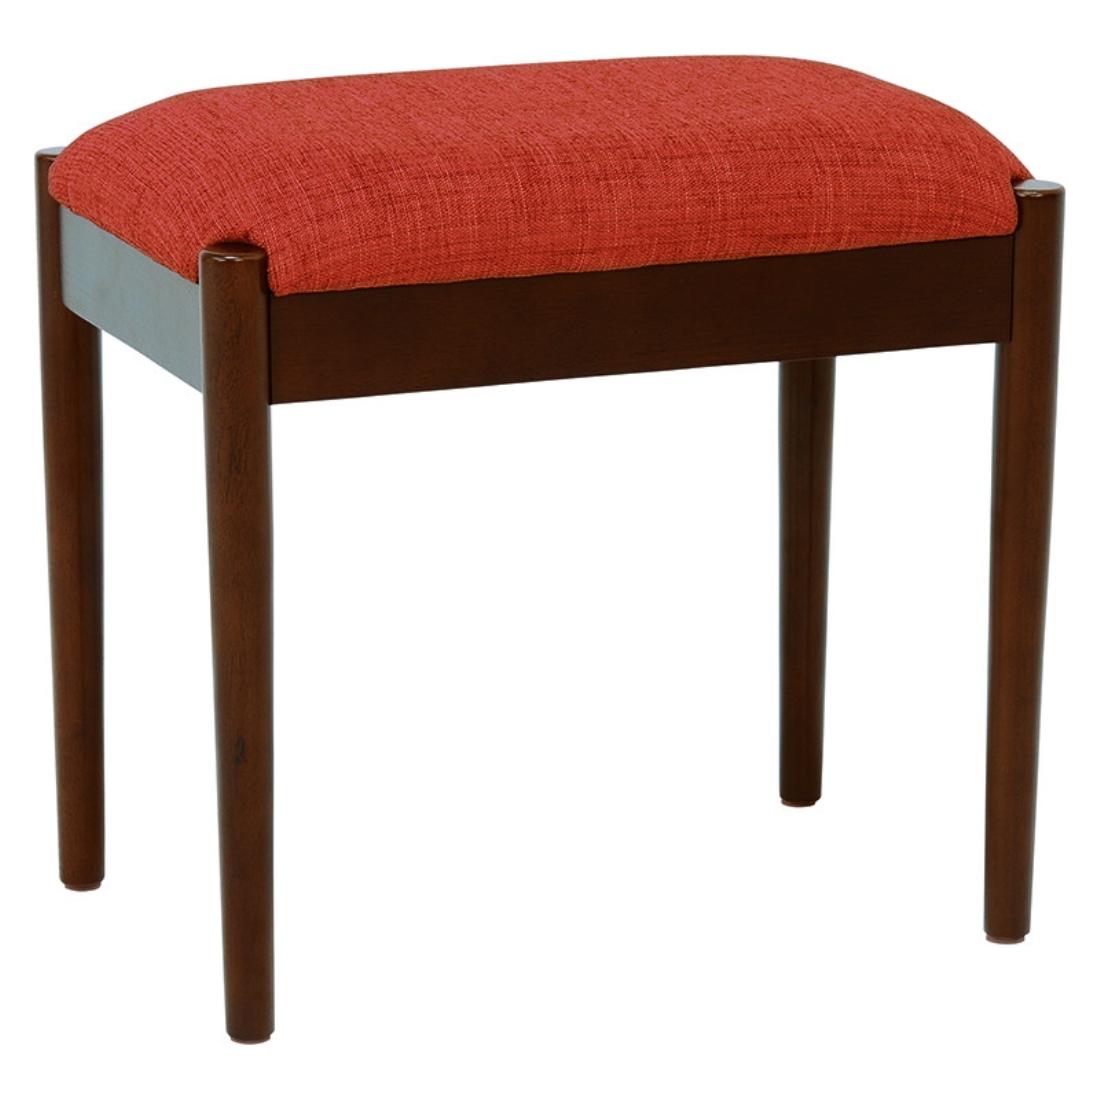 【送料無料】家具 チェア スツール 木製 1脚 チェアー 椅子